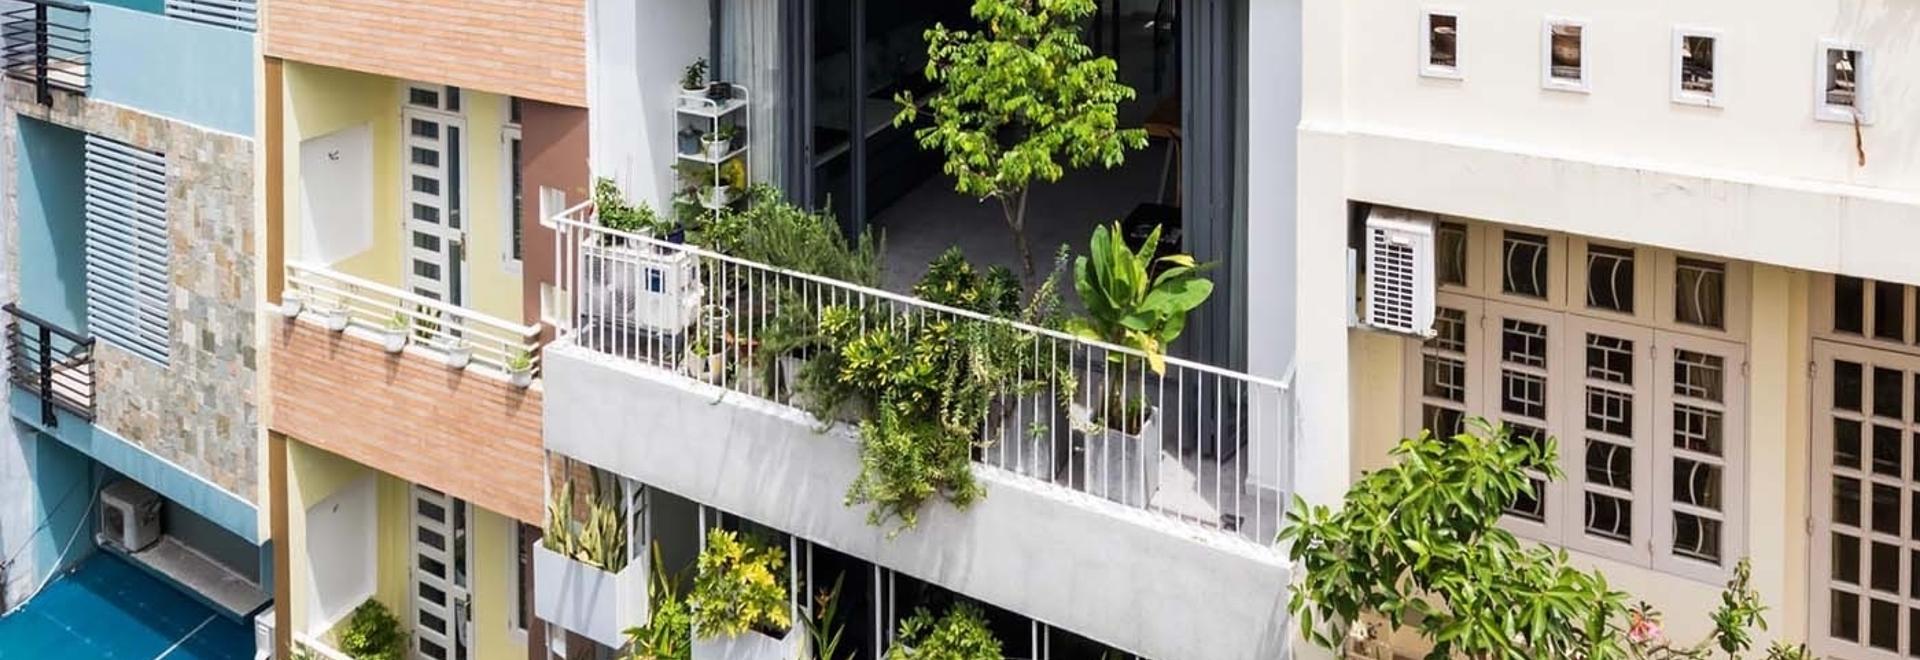 Le fioriere integrate aggiungono privacy e verde all'esterno di questa casa